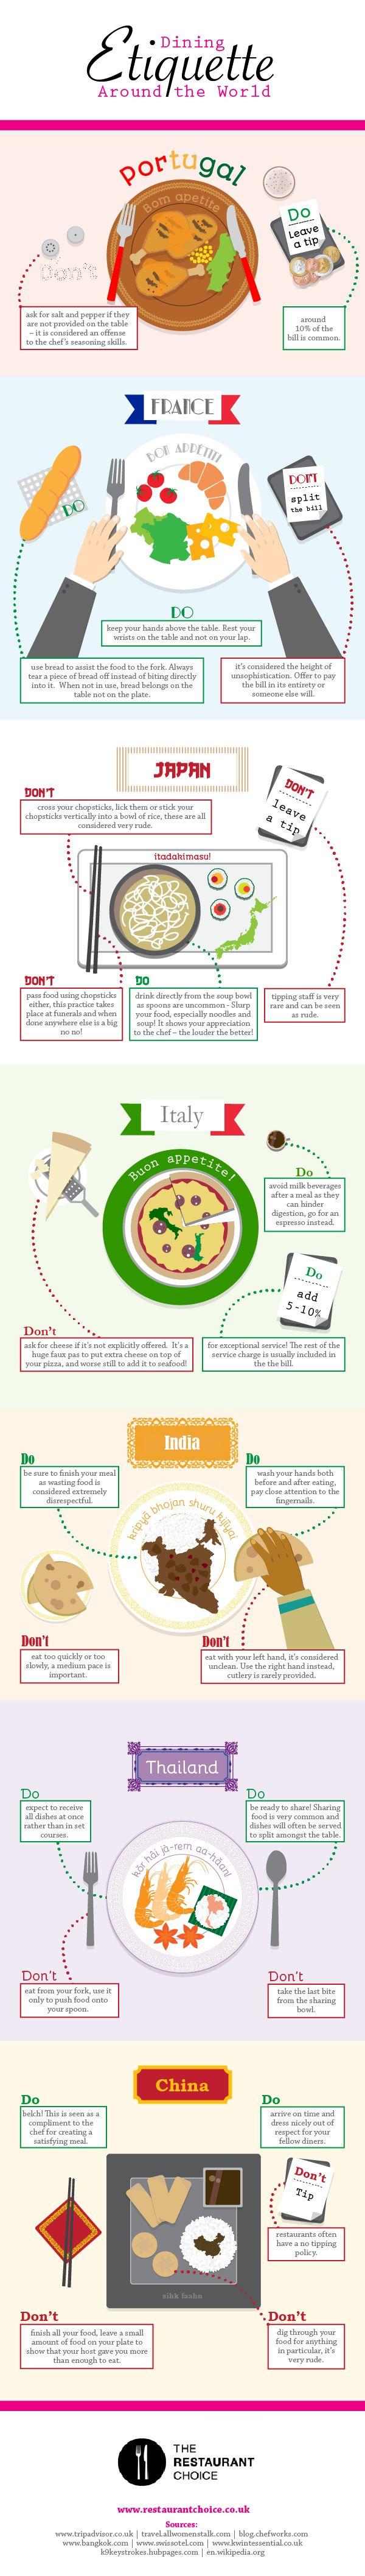 Tips sobre etiqueta en la mesa alrededor del mundo